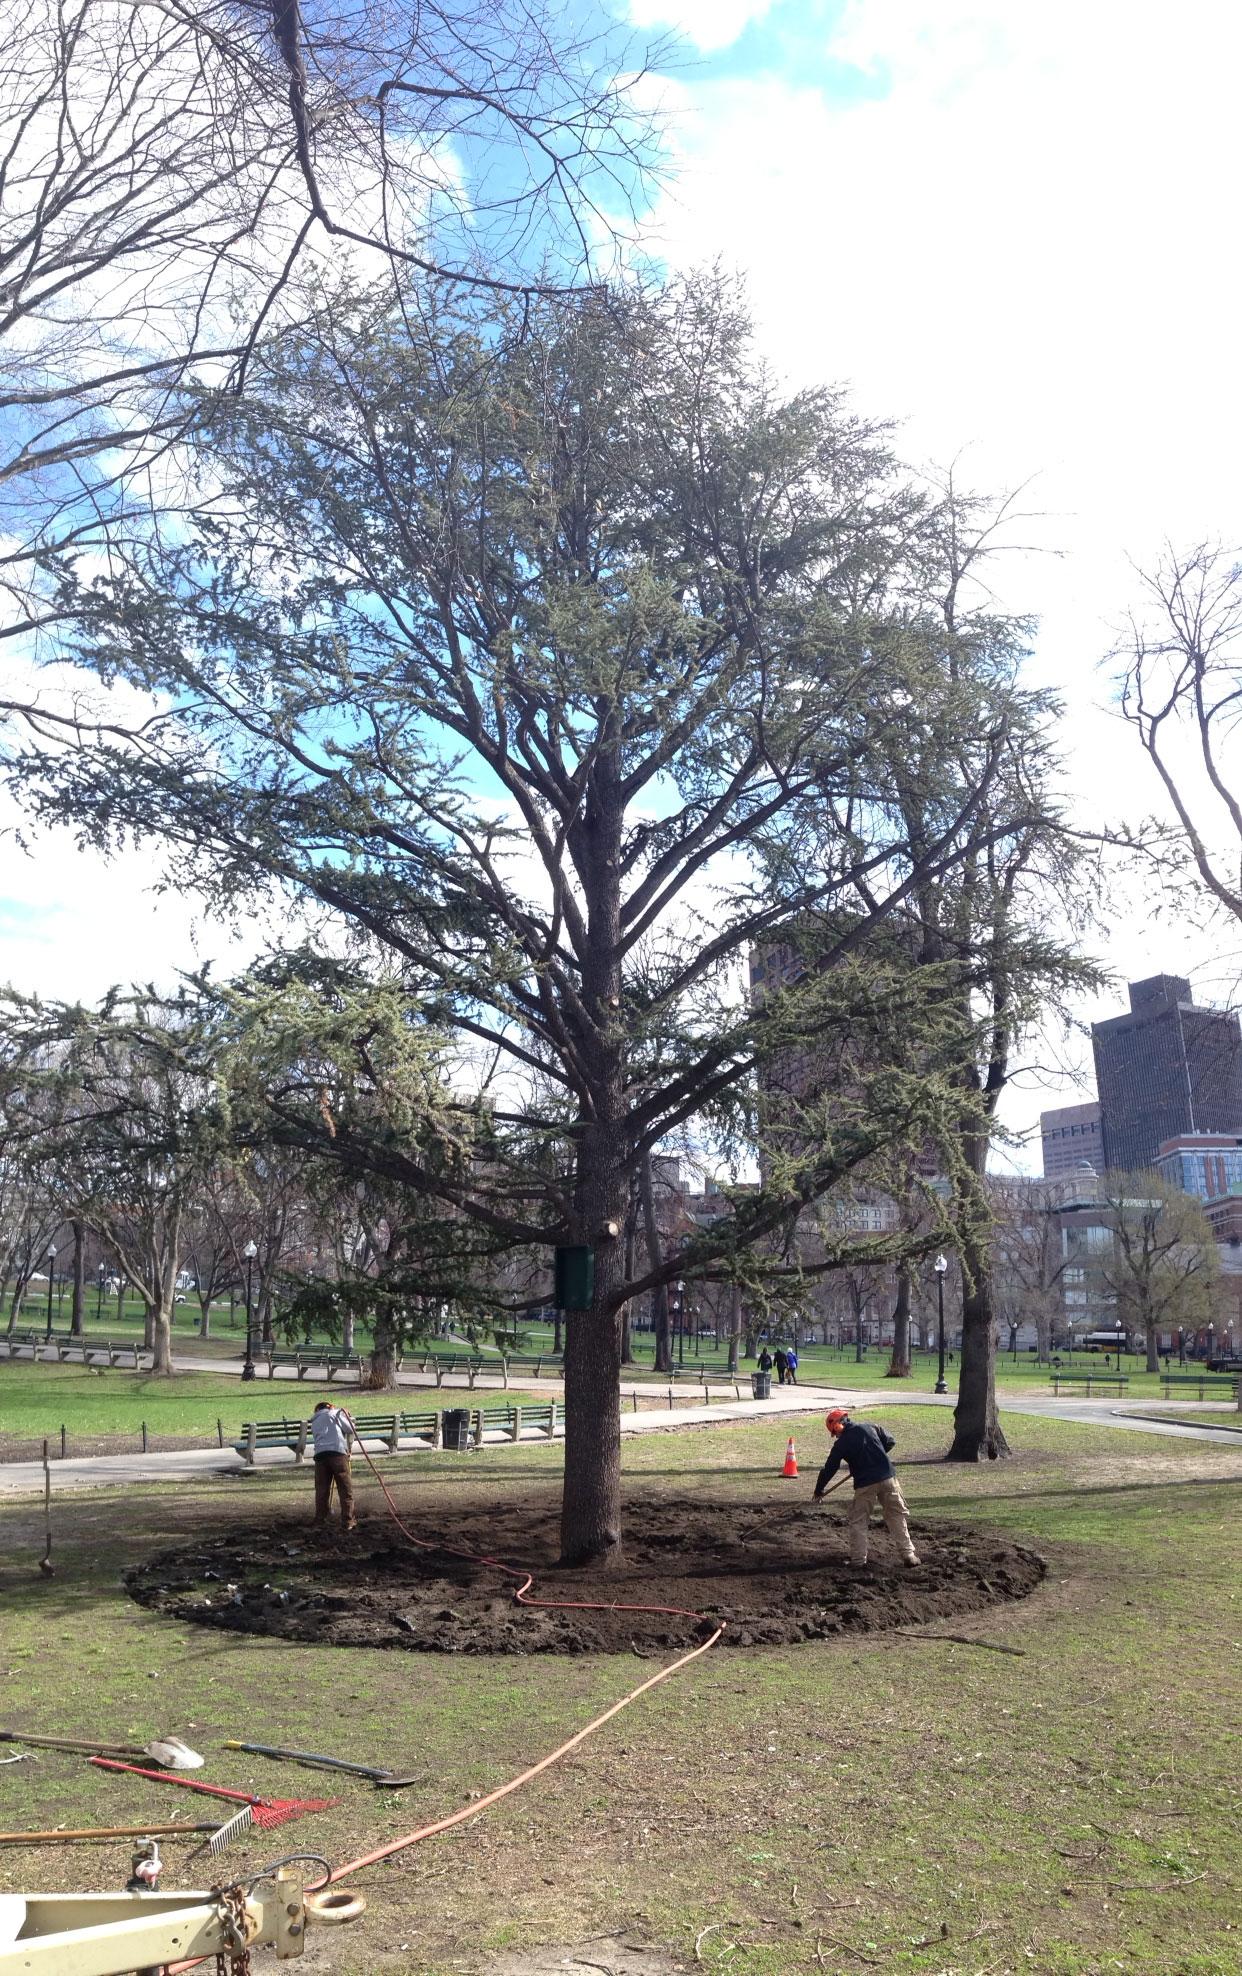 Arbor Day on Boston Common